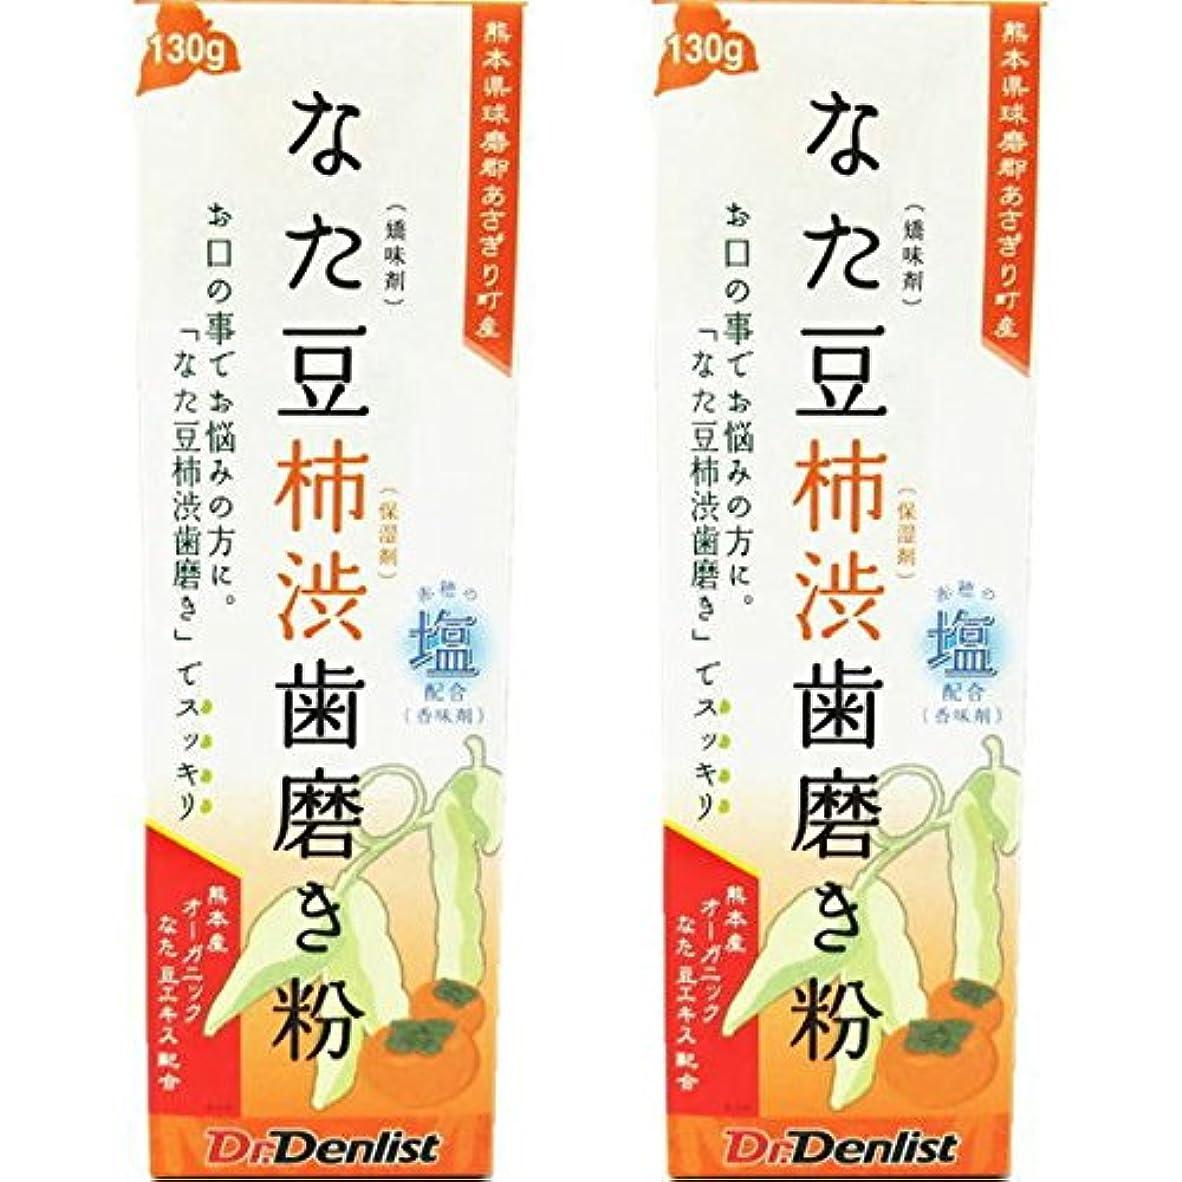 権限完璧なマーキングなた豆柿渋歯磨き 130g 2個セット 国産 有機なた豆使用 赤穂の塩配合(香味剤)